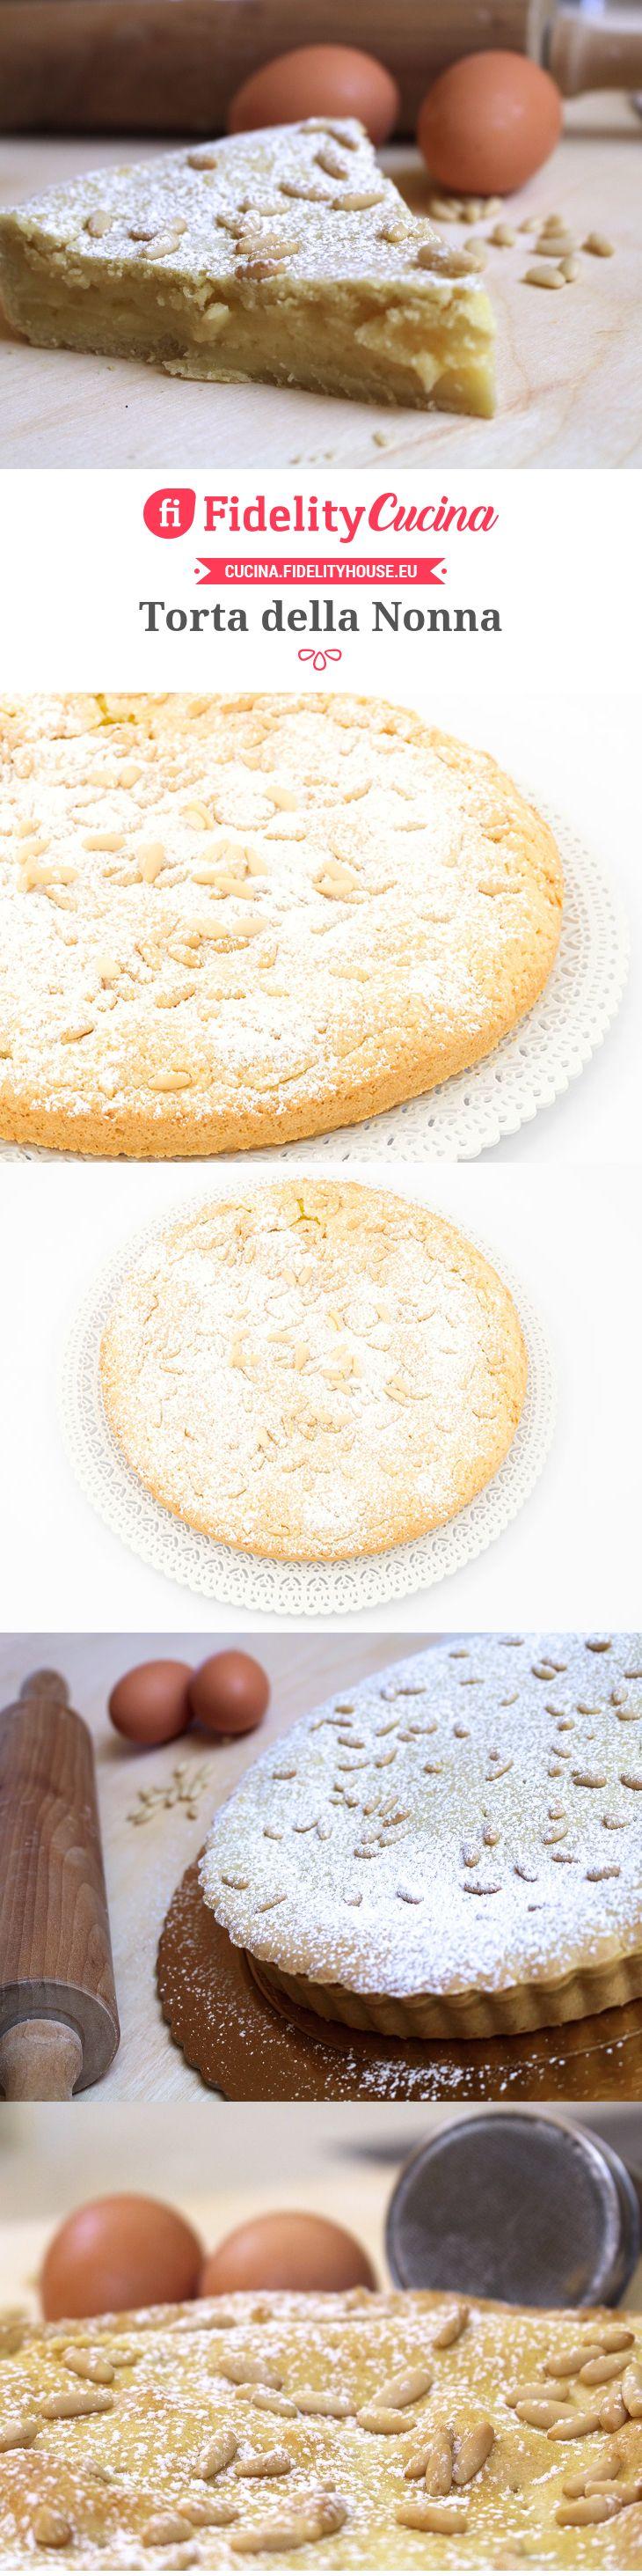 Photo of Ricetta torta della nonna – Fidelity Cucina